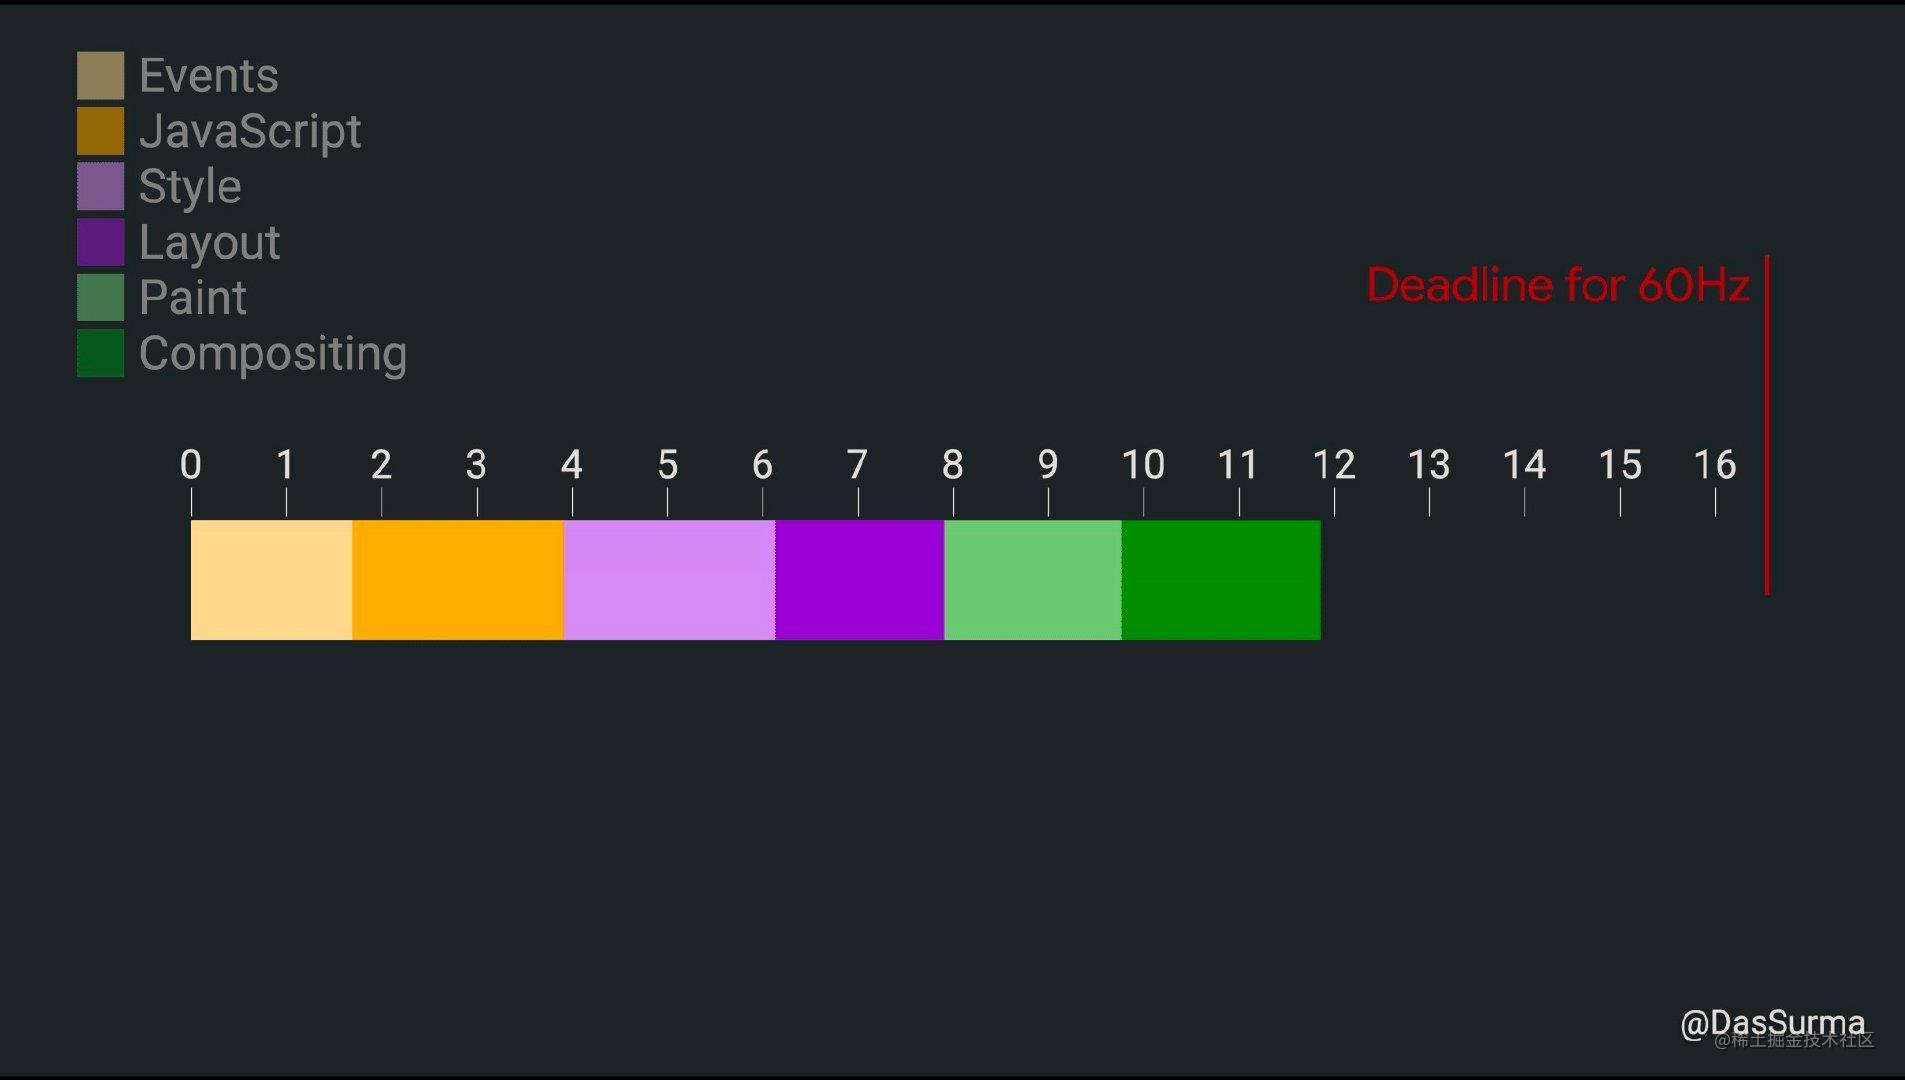 在浏览器上展示的每一帧都要经过各种处理